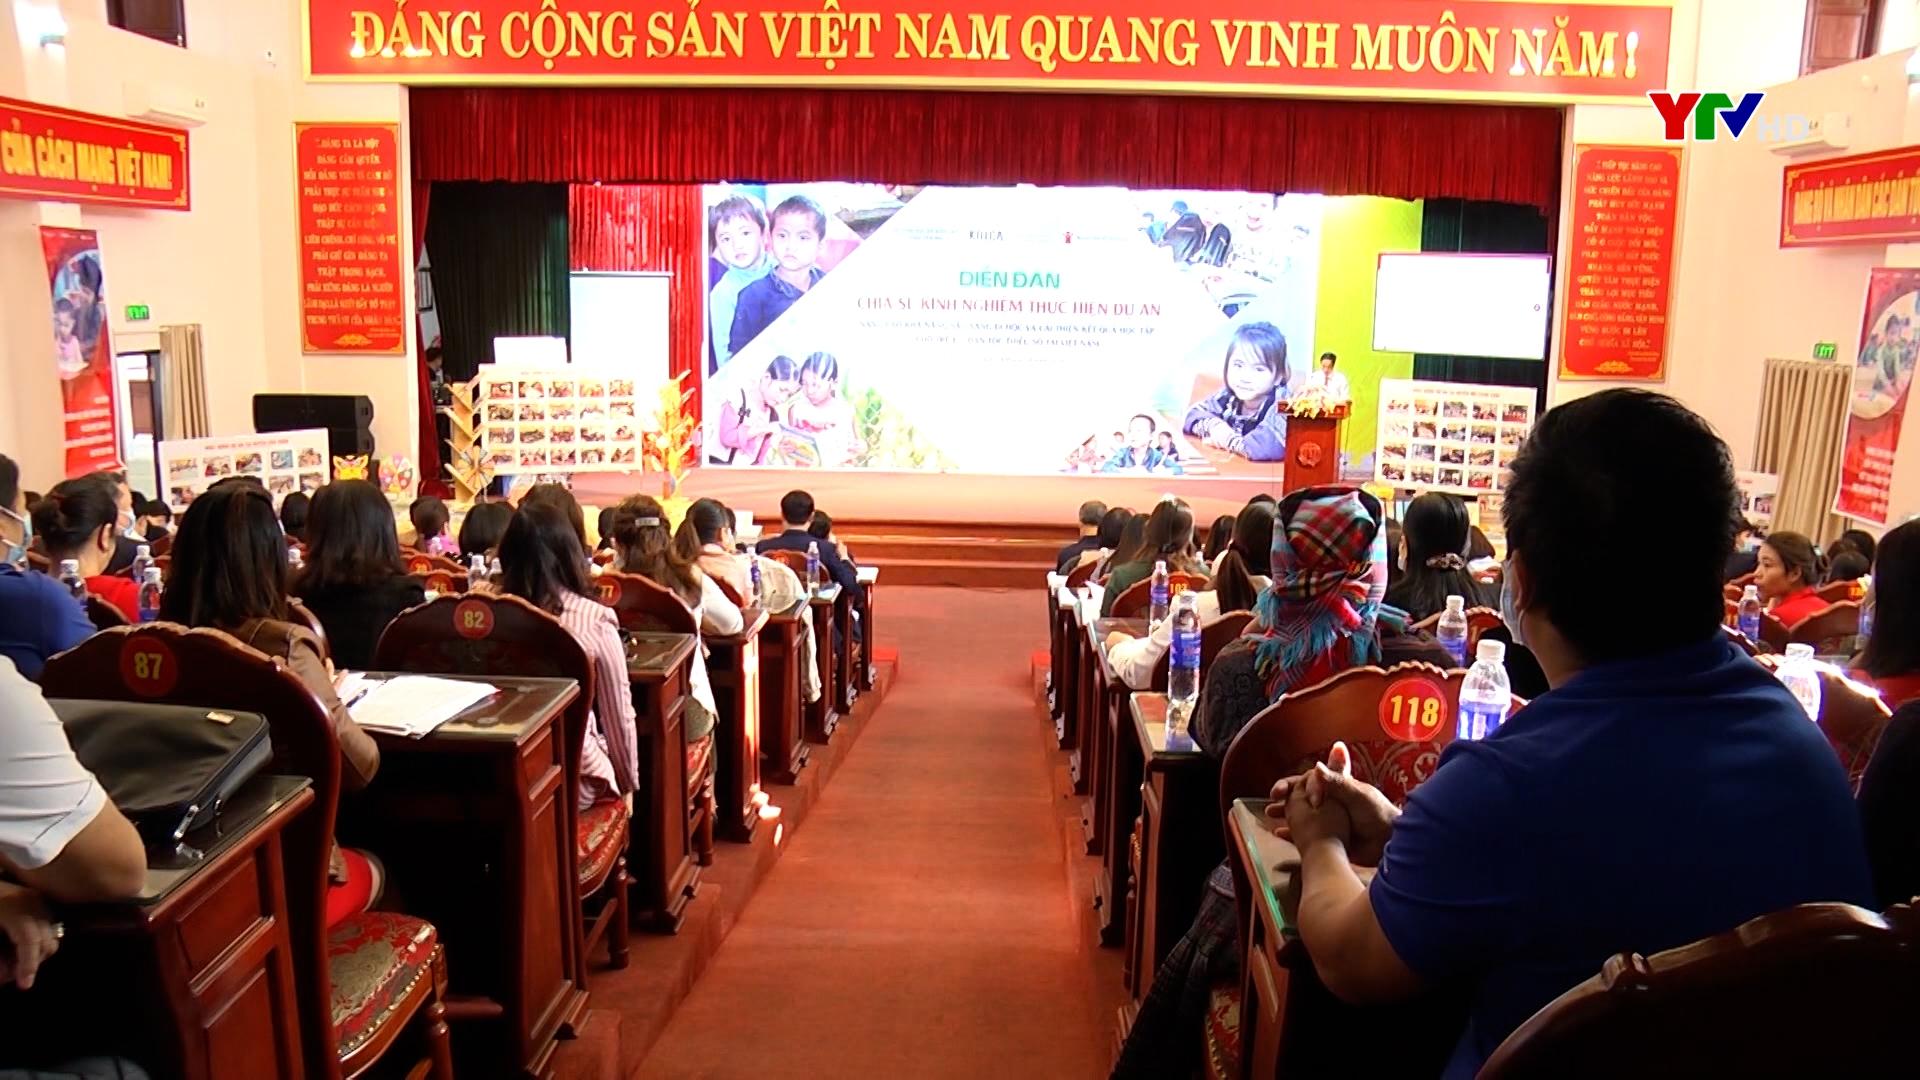 """Diễn đàn chia sẻ kinh nghiệm thực hiện dự án """"Nâng cao khả năng sẵn sàng đi học và kết quả học tập cho trẻ em dân tộc thiểu số tại Việt Nam"""""""